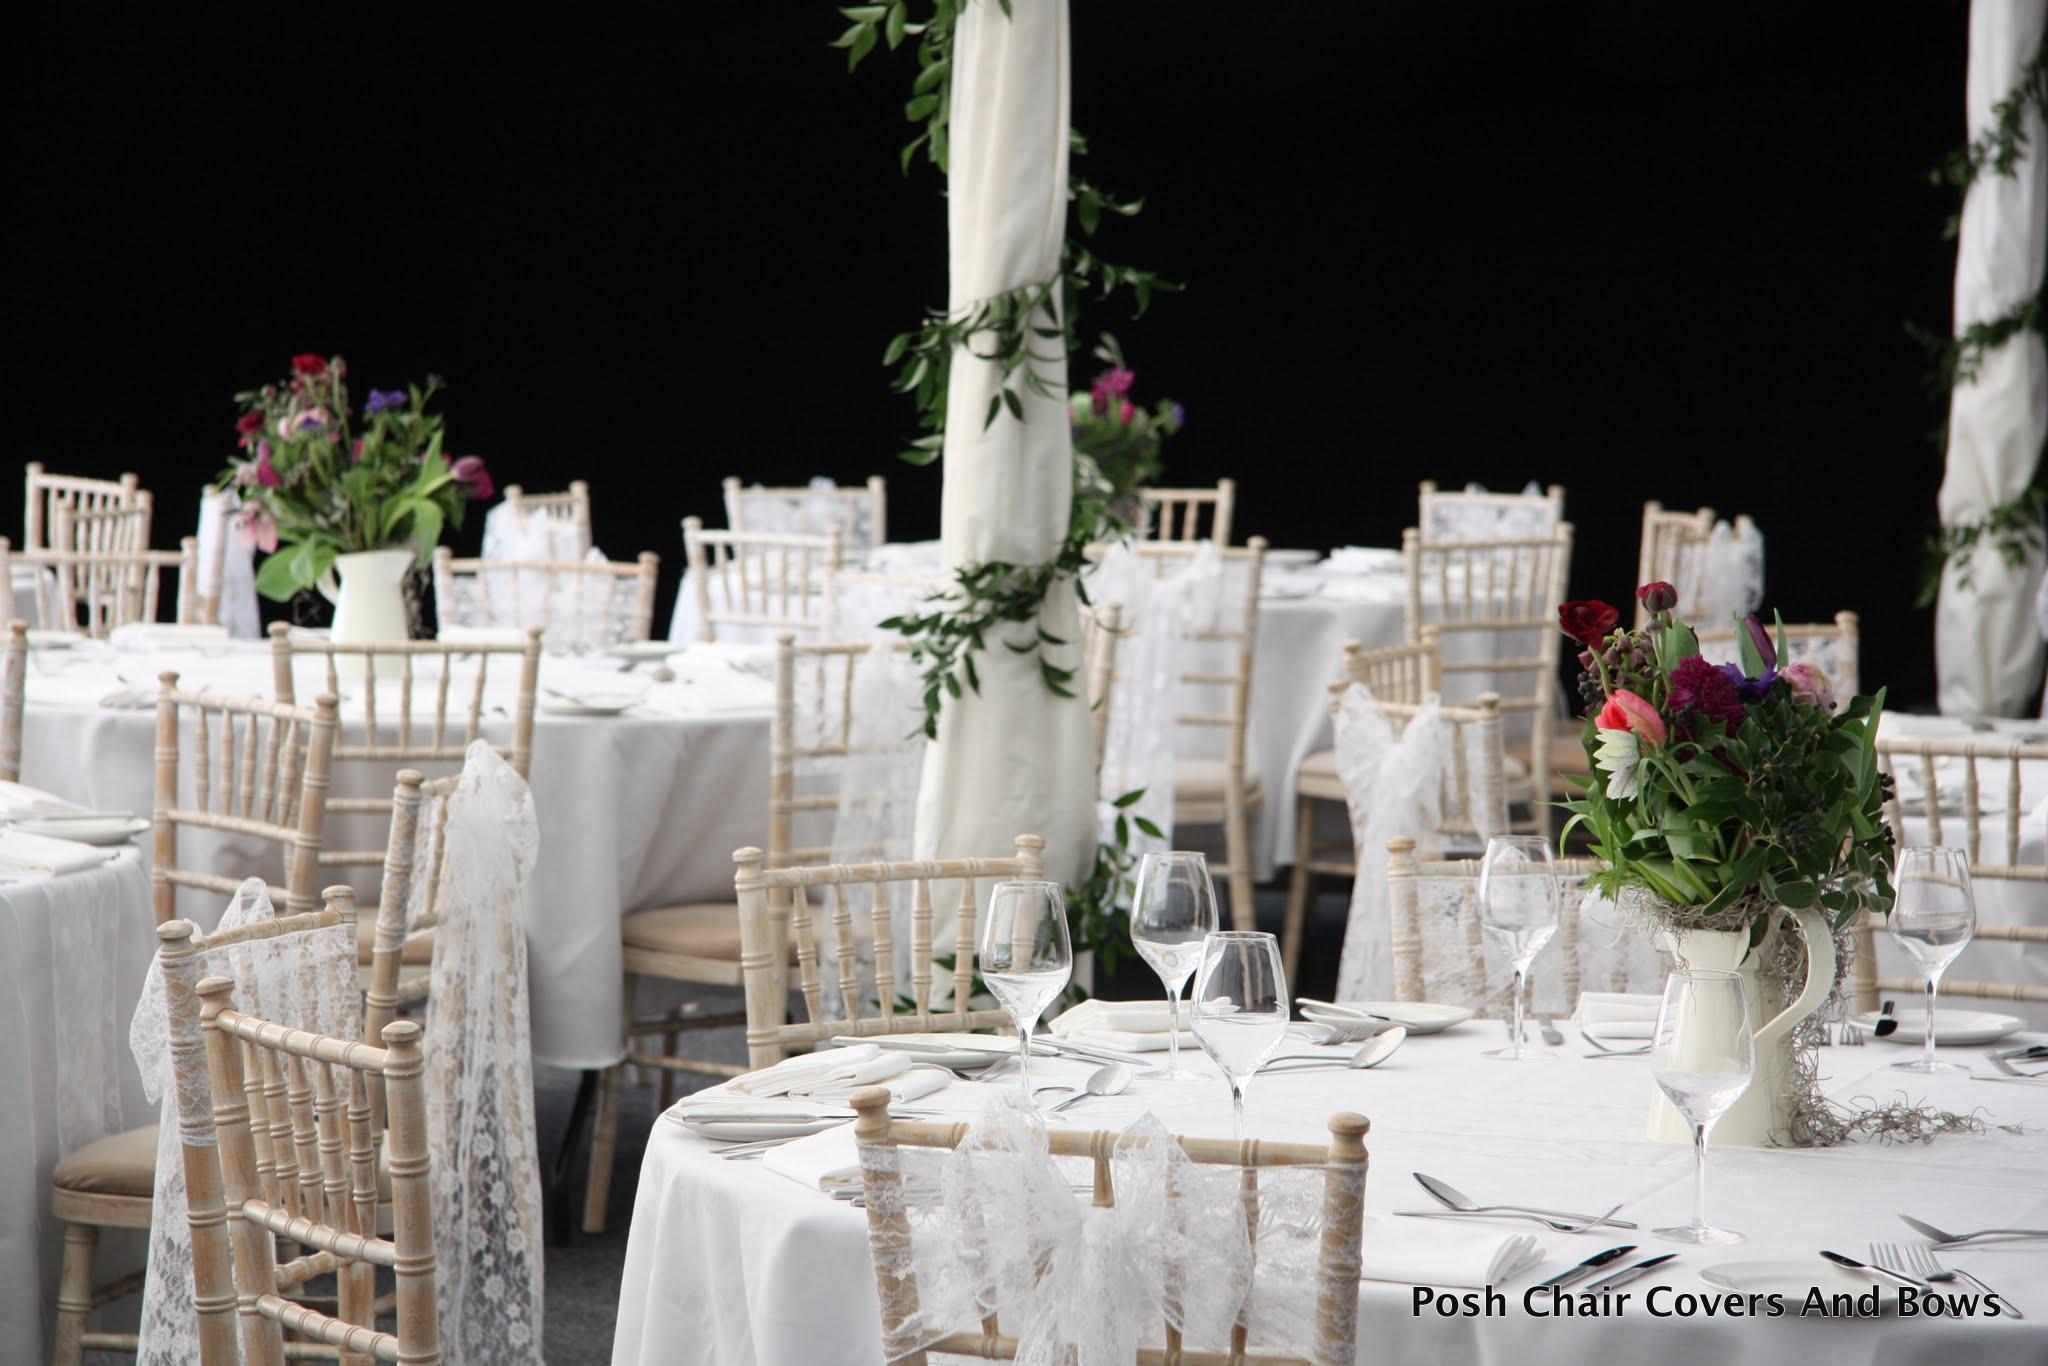 Pleasant Posh Chair Covers Bows Flower Wall Chiavari Chairs Machost Co Dining Chair Design Ideas Machostcouk